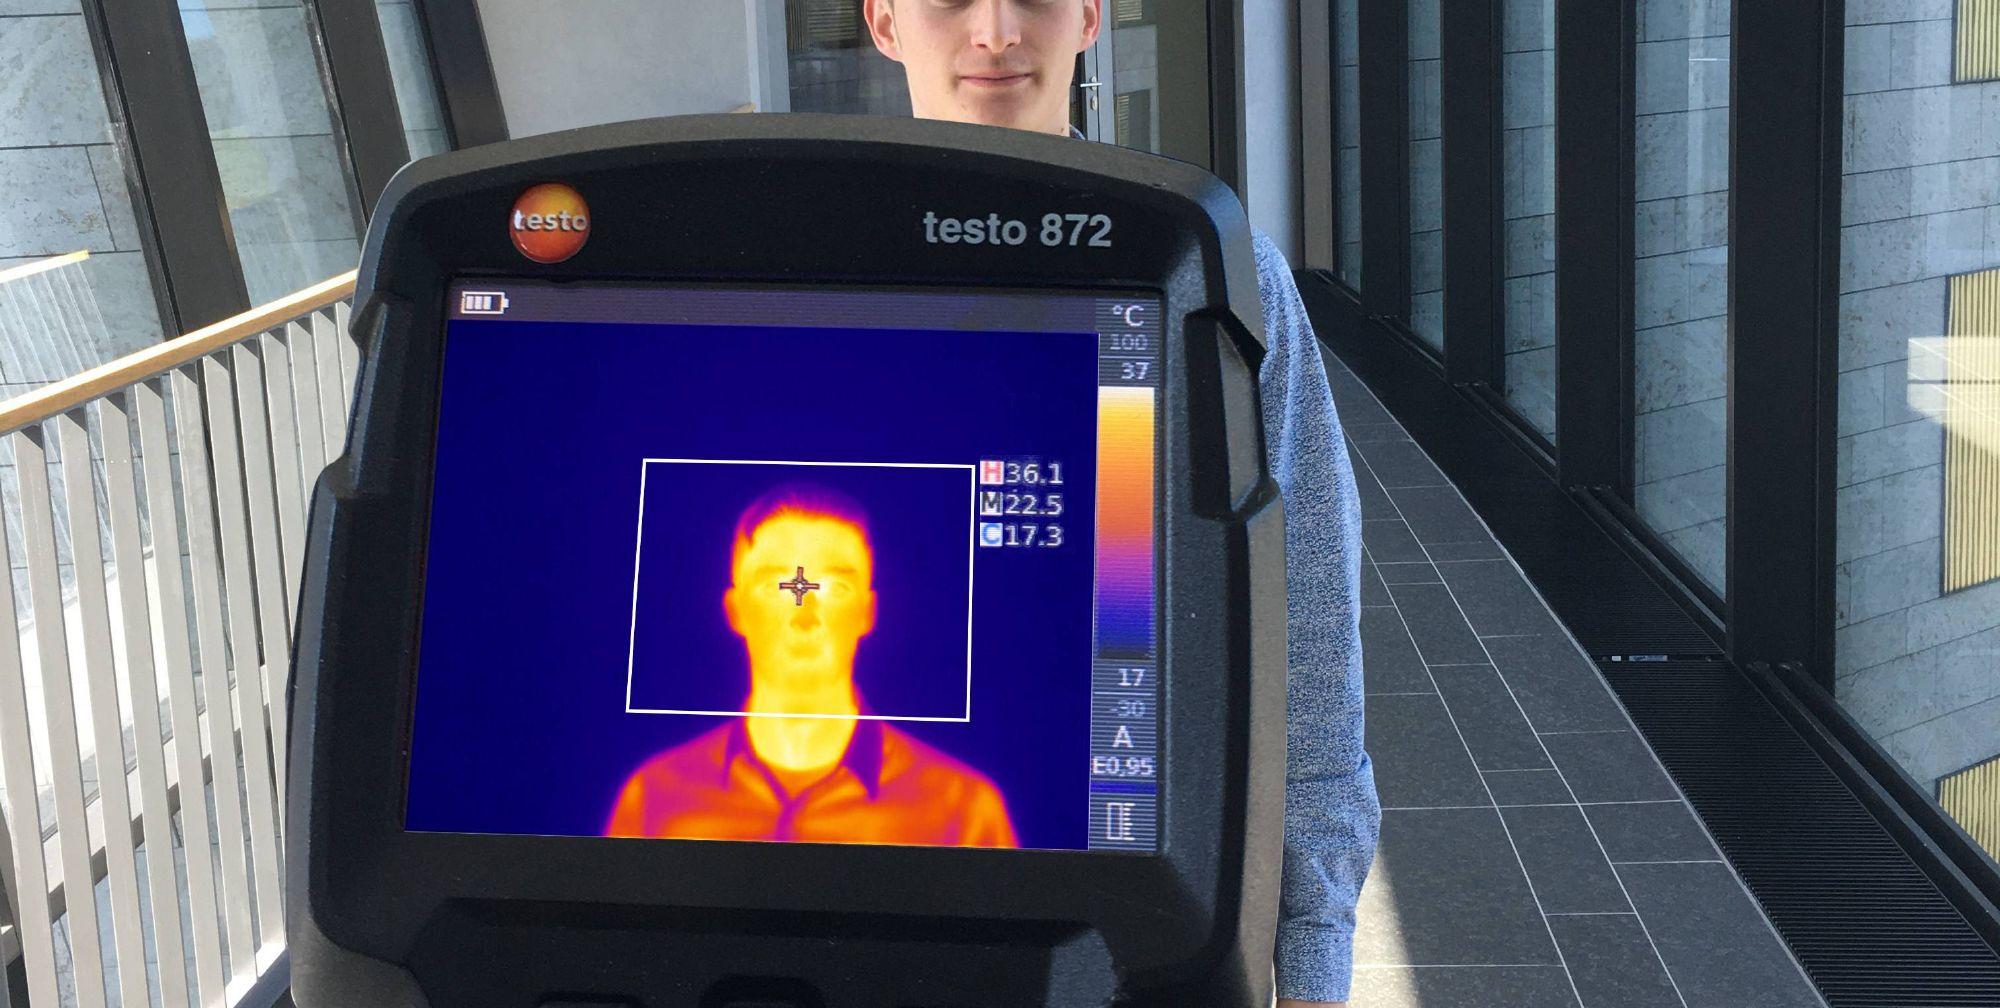 德图重点开发了一款最新体表温度筛检FD版软件。加载于德图中端红外热像仪testo 868/871/872。